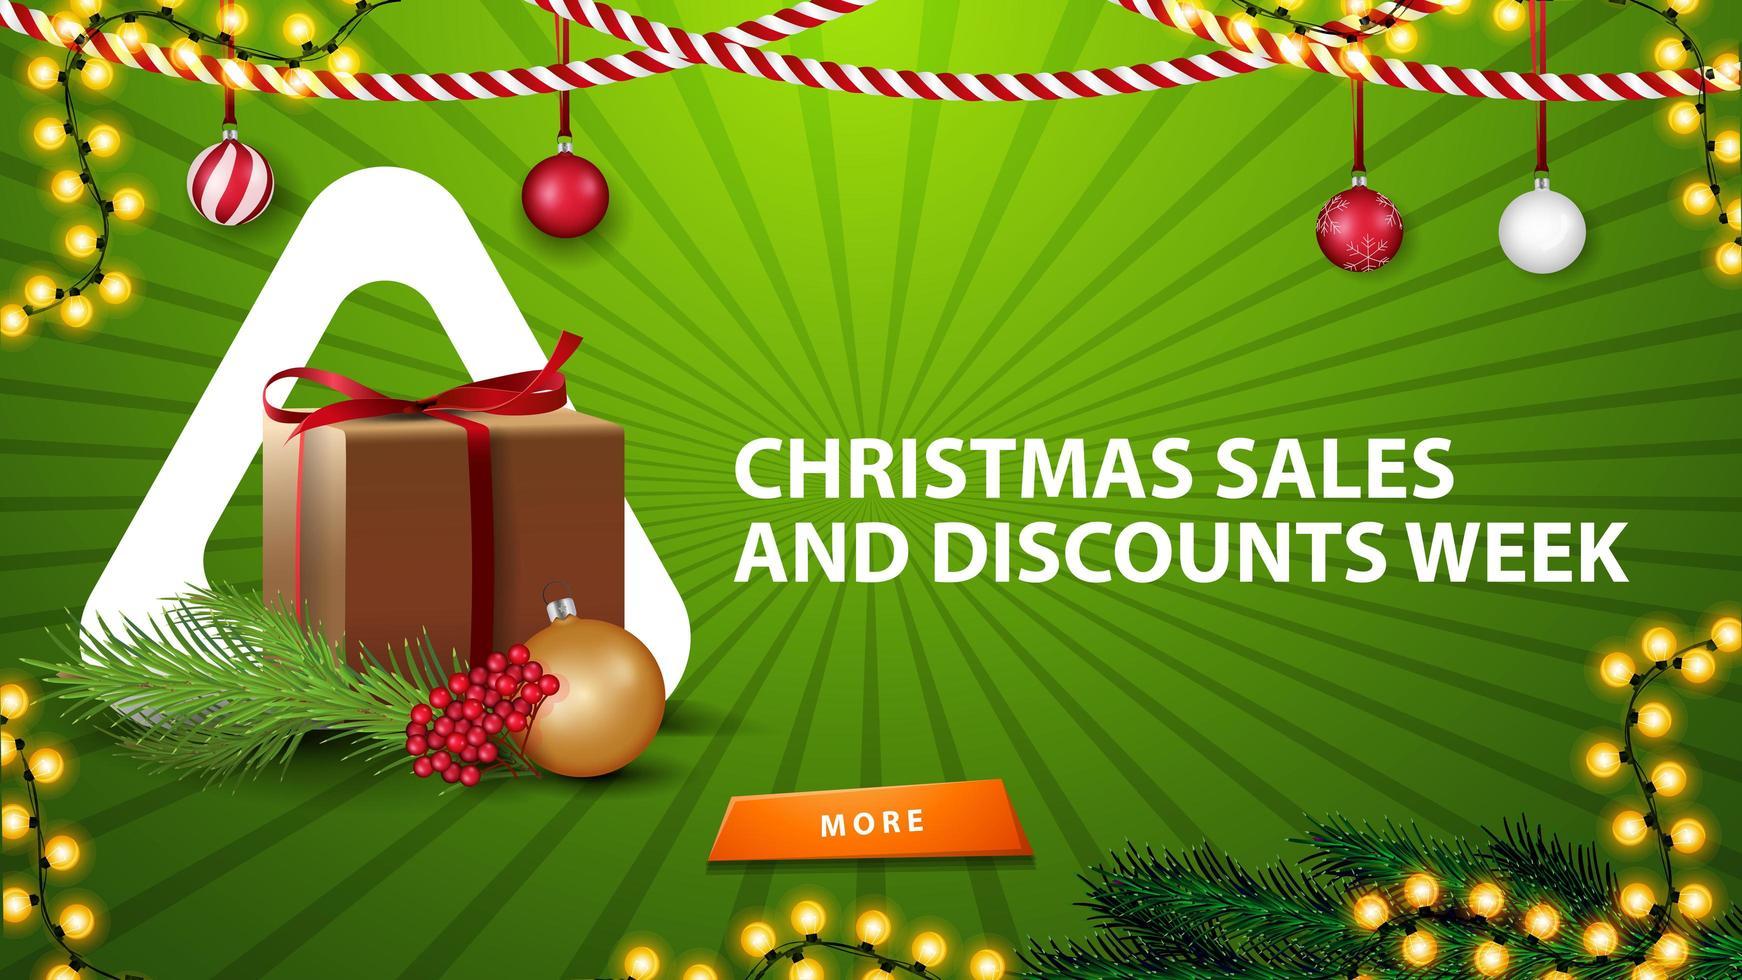 Weihnachtsverkauf und Rabattwoche, grünes horizontales Banner für Website mit Weihnachtsdekor, Geschenk und Weihnachtsbaumzweig vektor